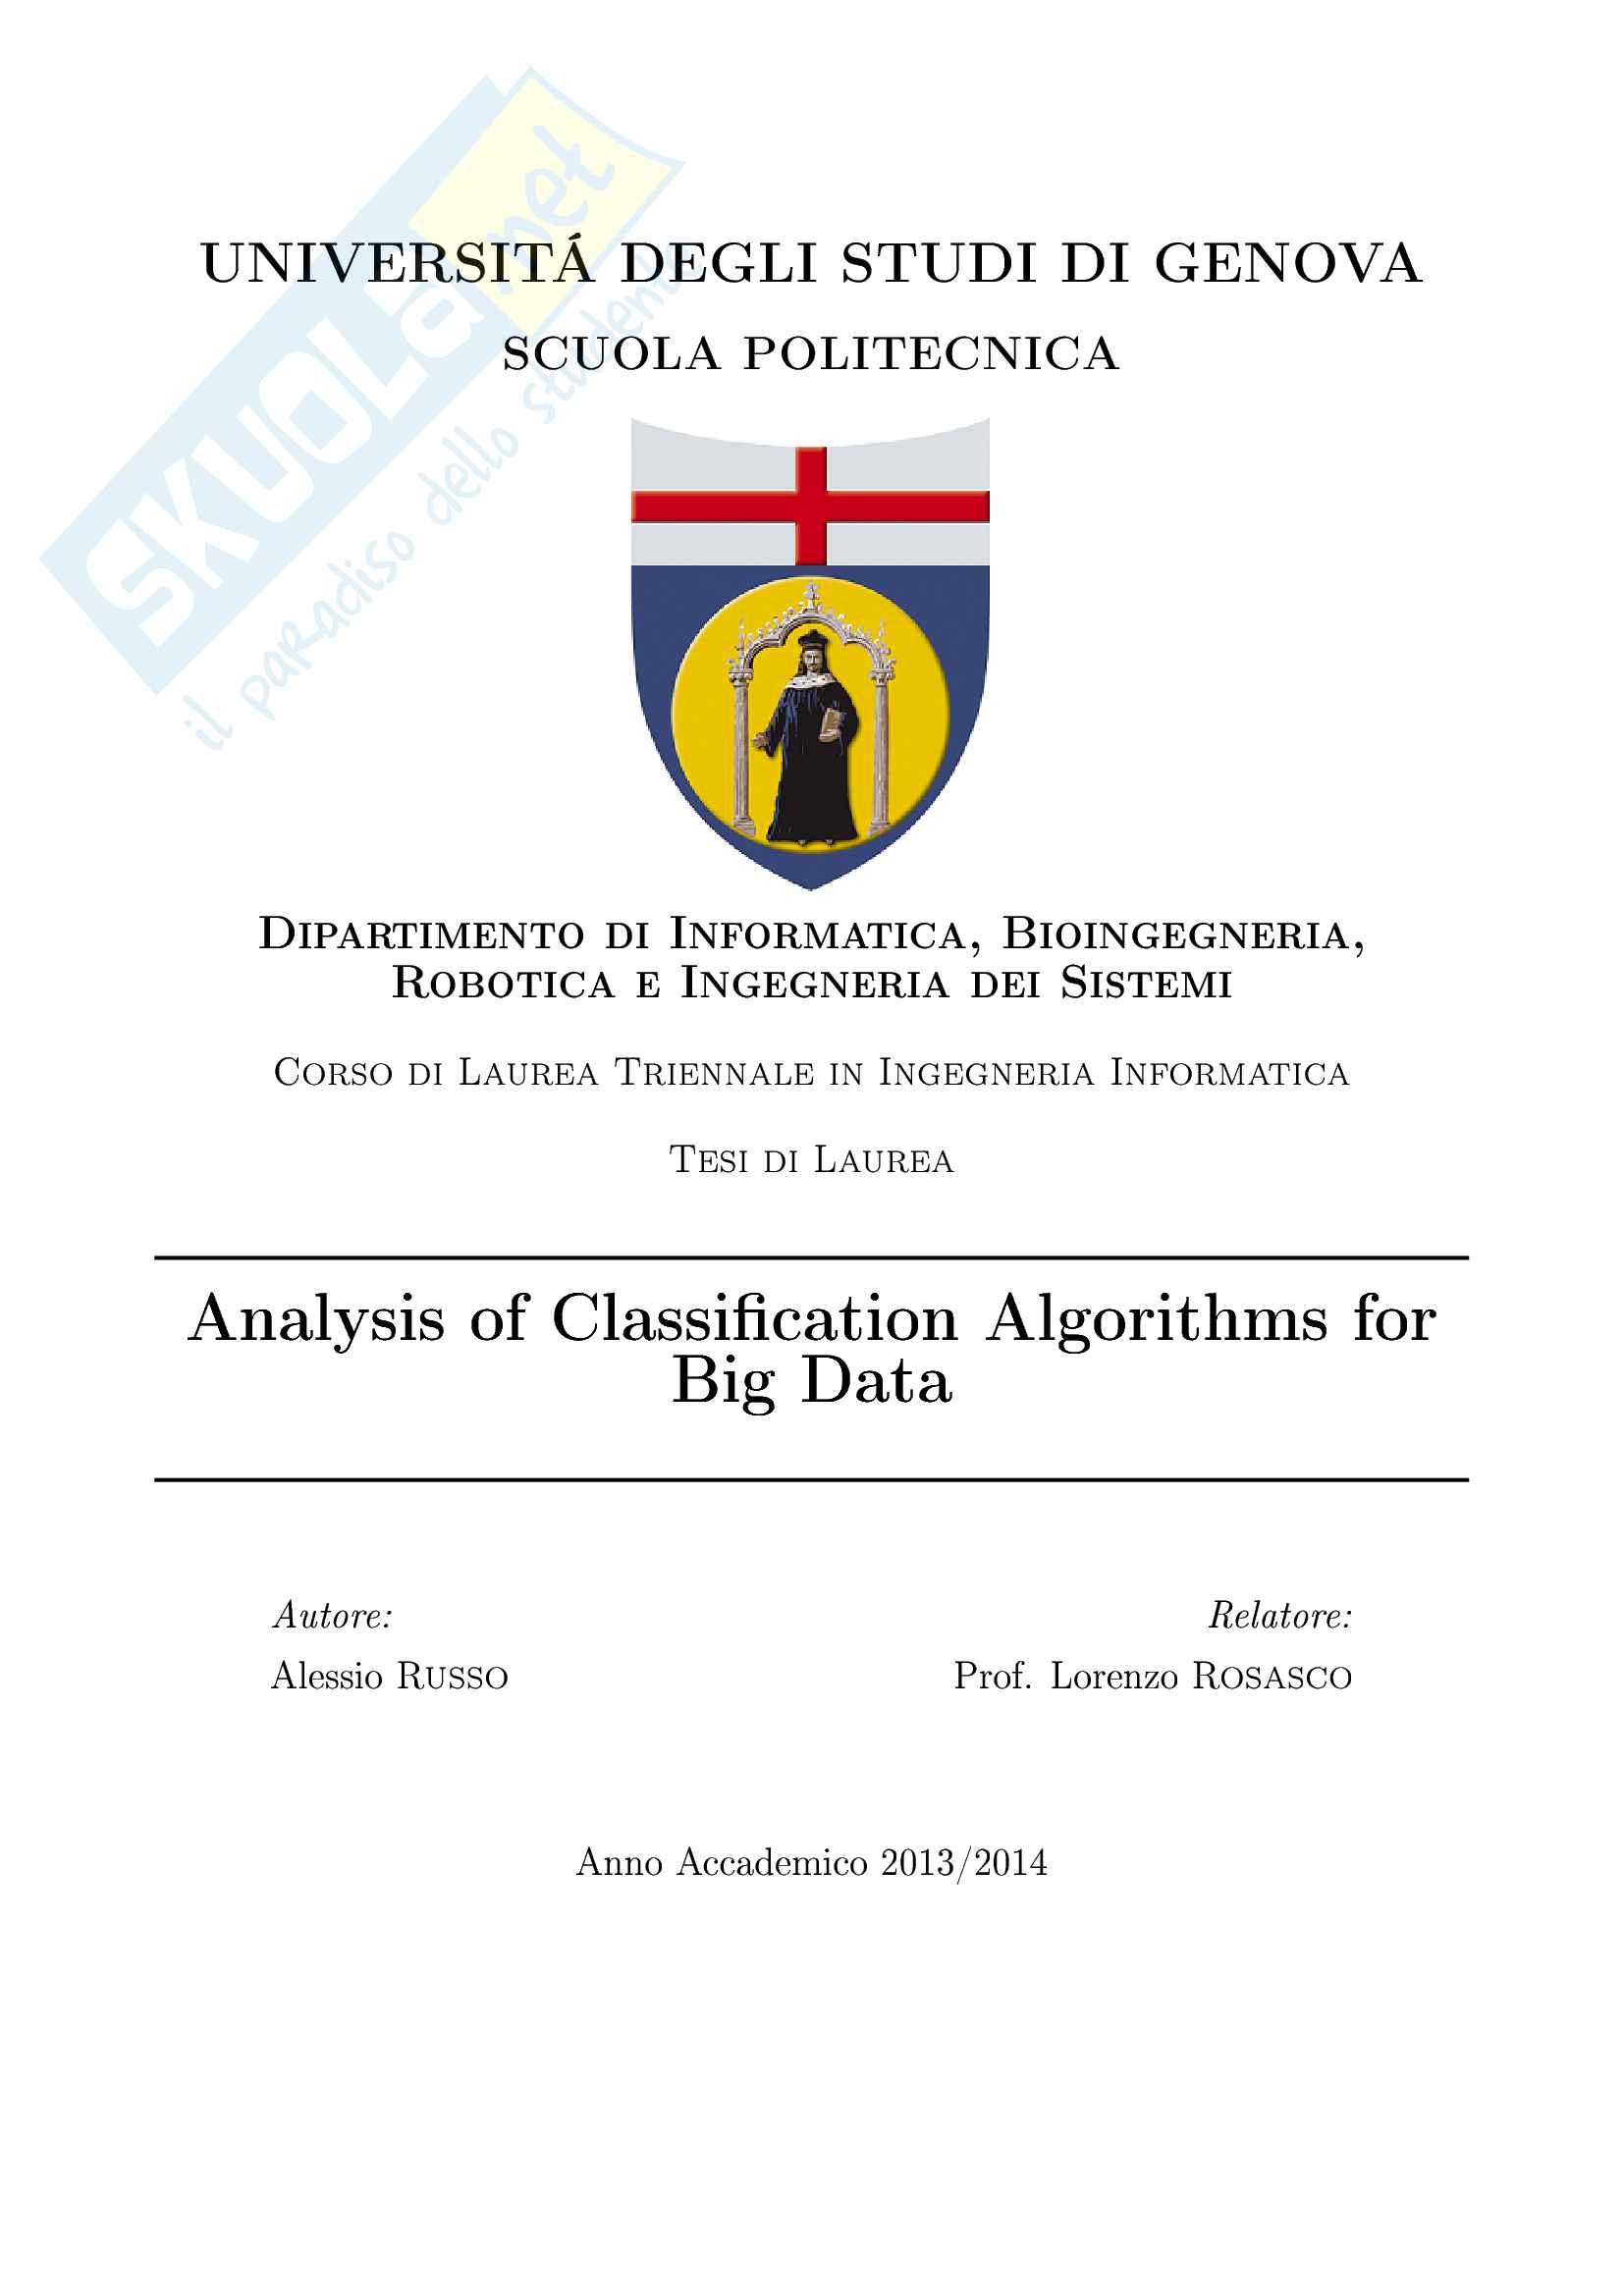 Analisi di Algoritmi di Classificazione - Tesi Russo Alessio